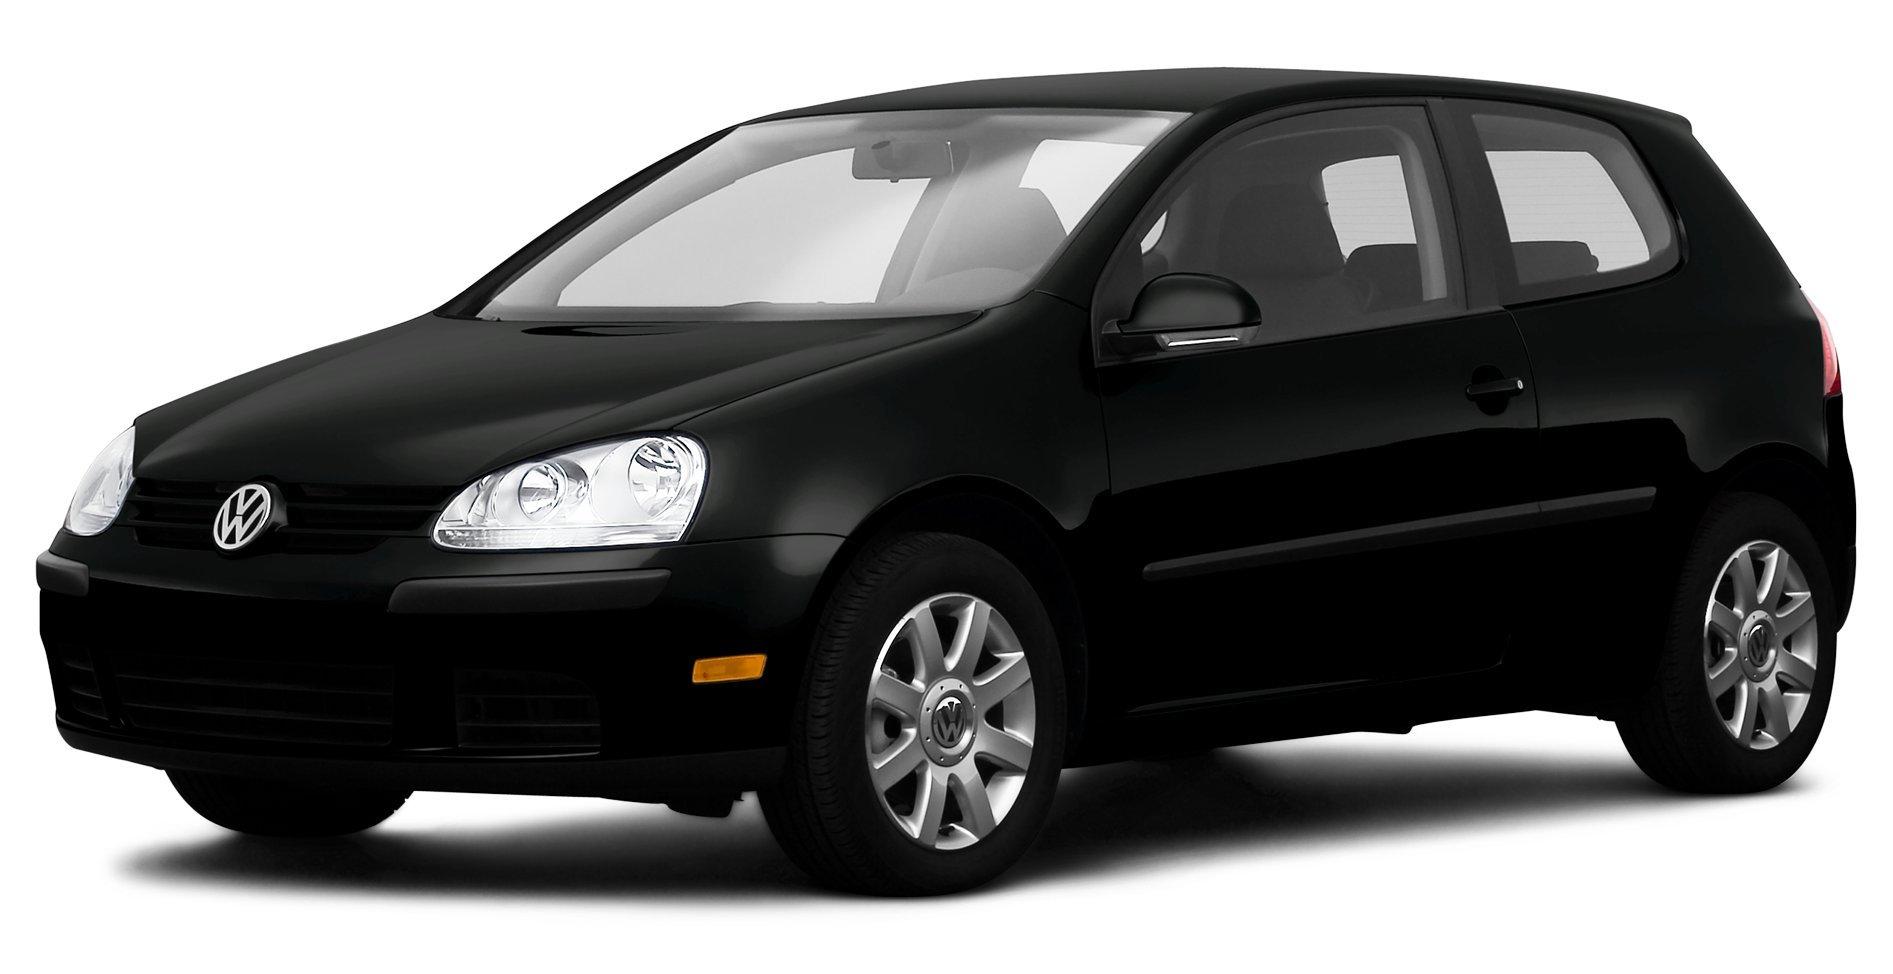 2009 Volkswagen Rabbit S 2 Door Hatchback Automatic Transmission